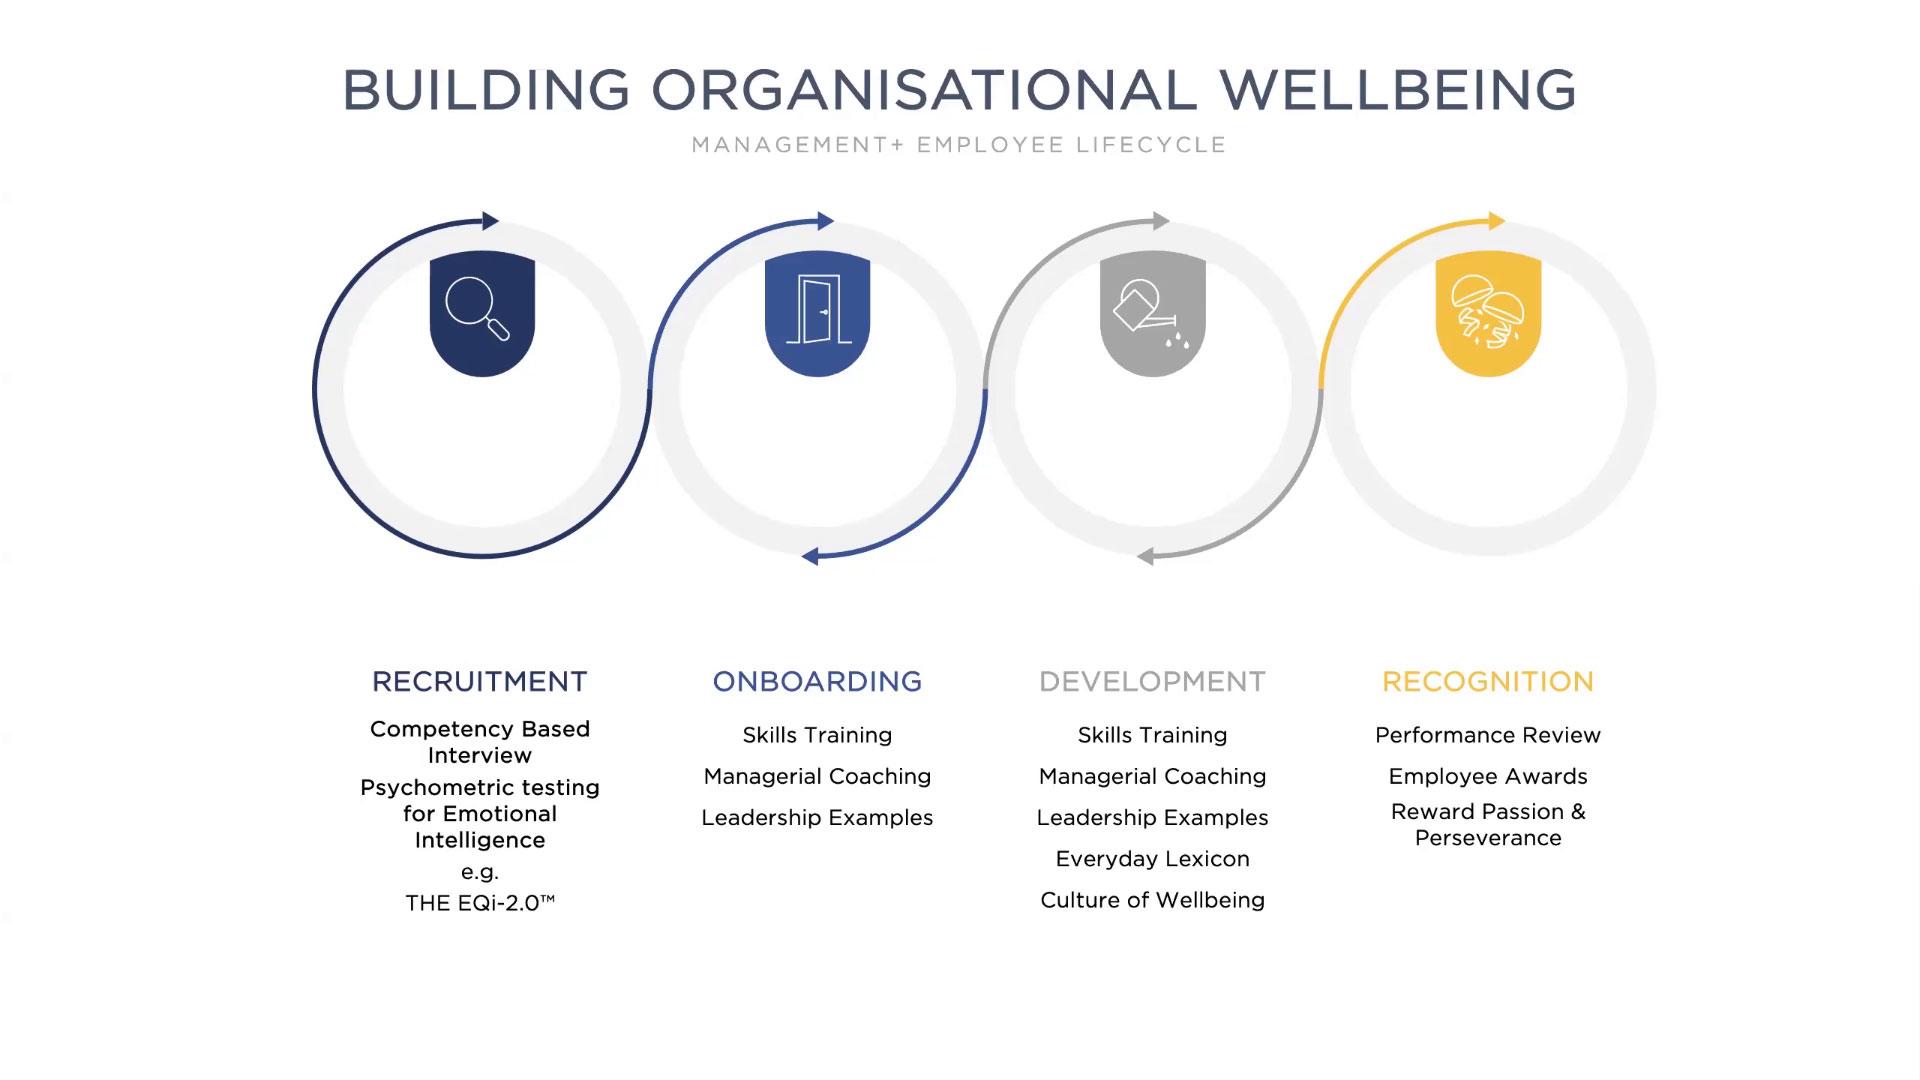 Buliding organizational wellbeing